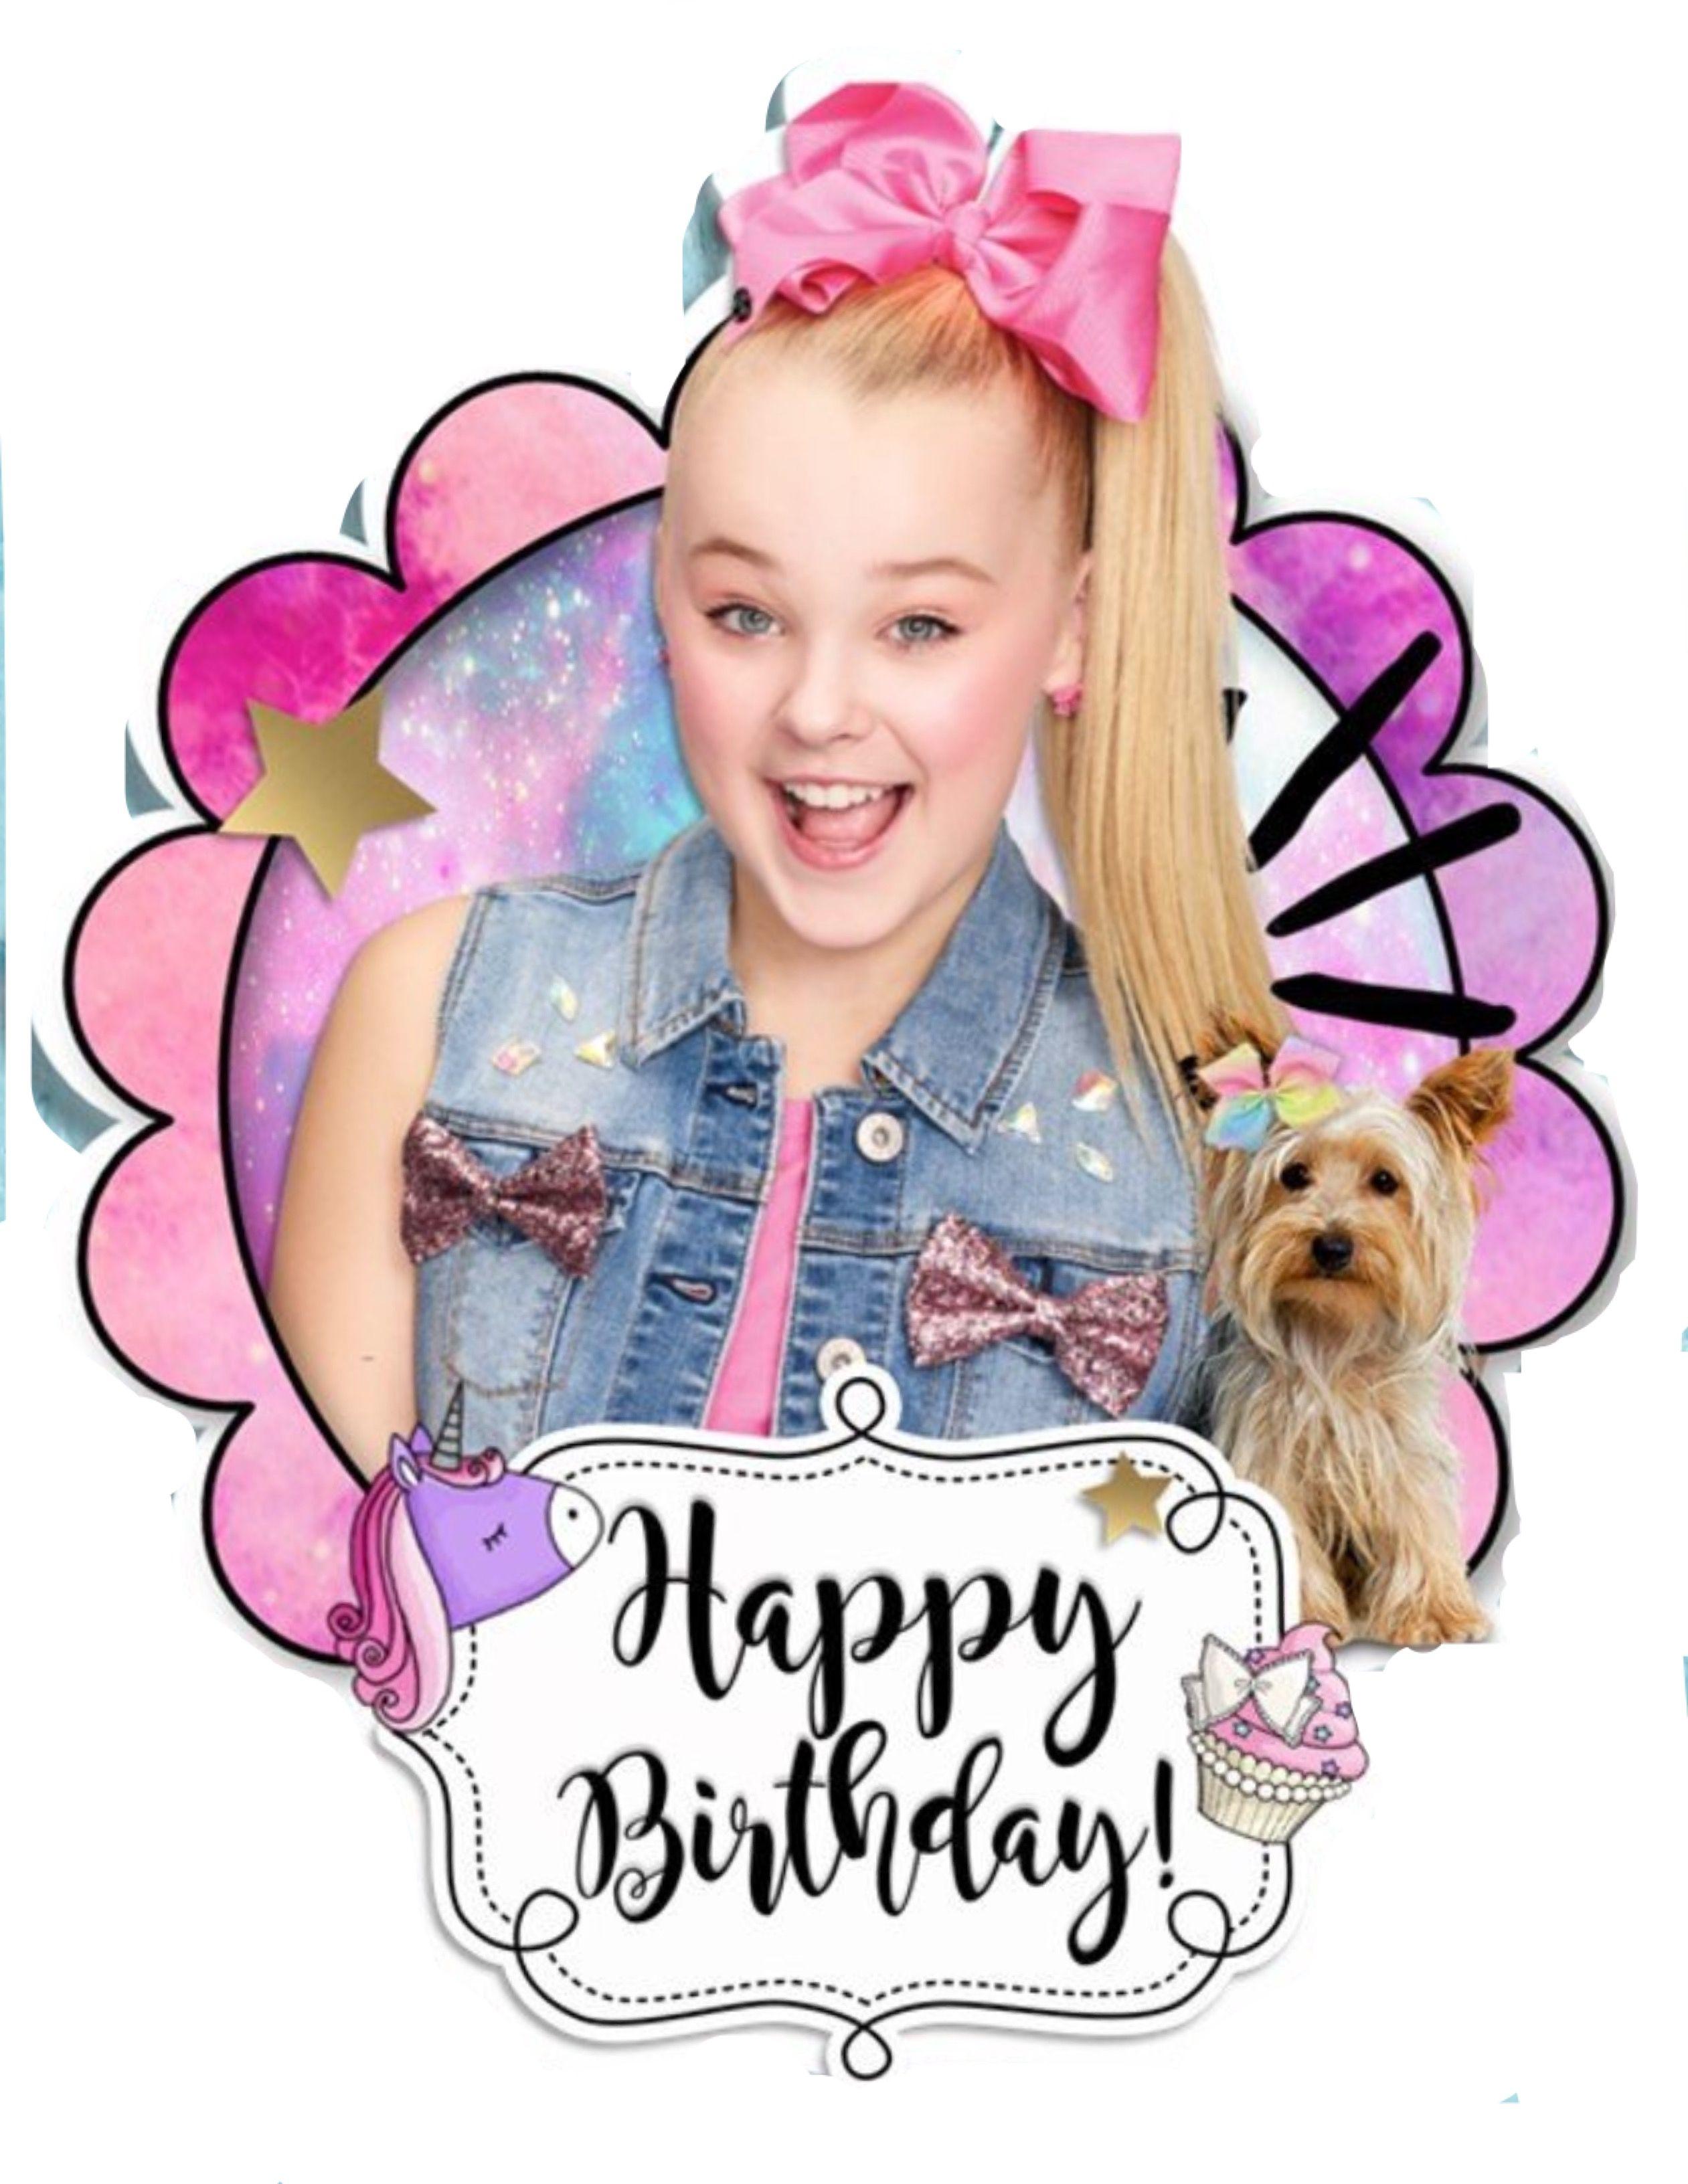 Jojo Siwa Happy Birthday : happy, birthday, You're, Invited, Deja's, Birthday, Party., Sunday, July,, 2019., Turning, 4.🎂🍦🎊🎁…, Birthday,, Girls, Party, Themes,, Ideas